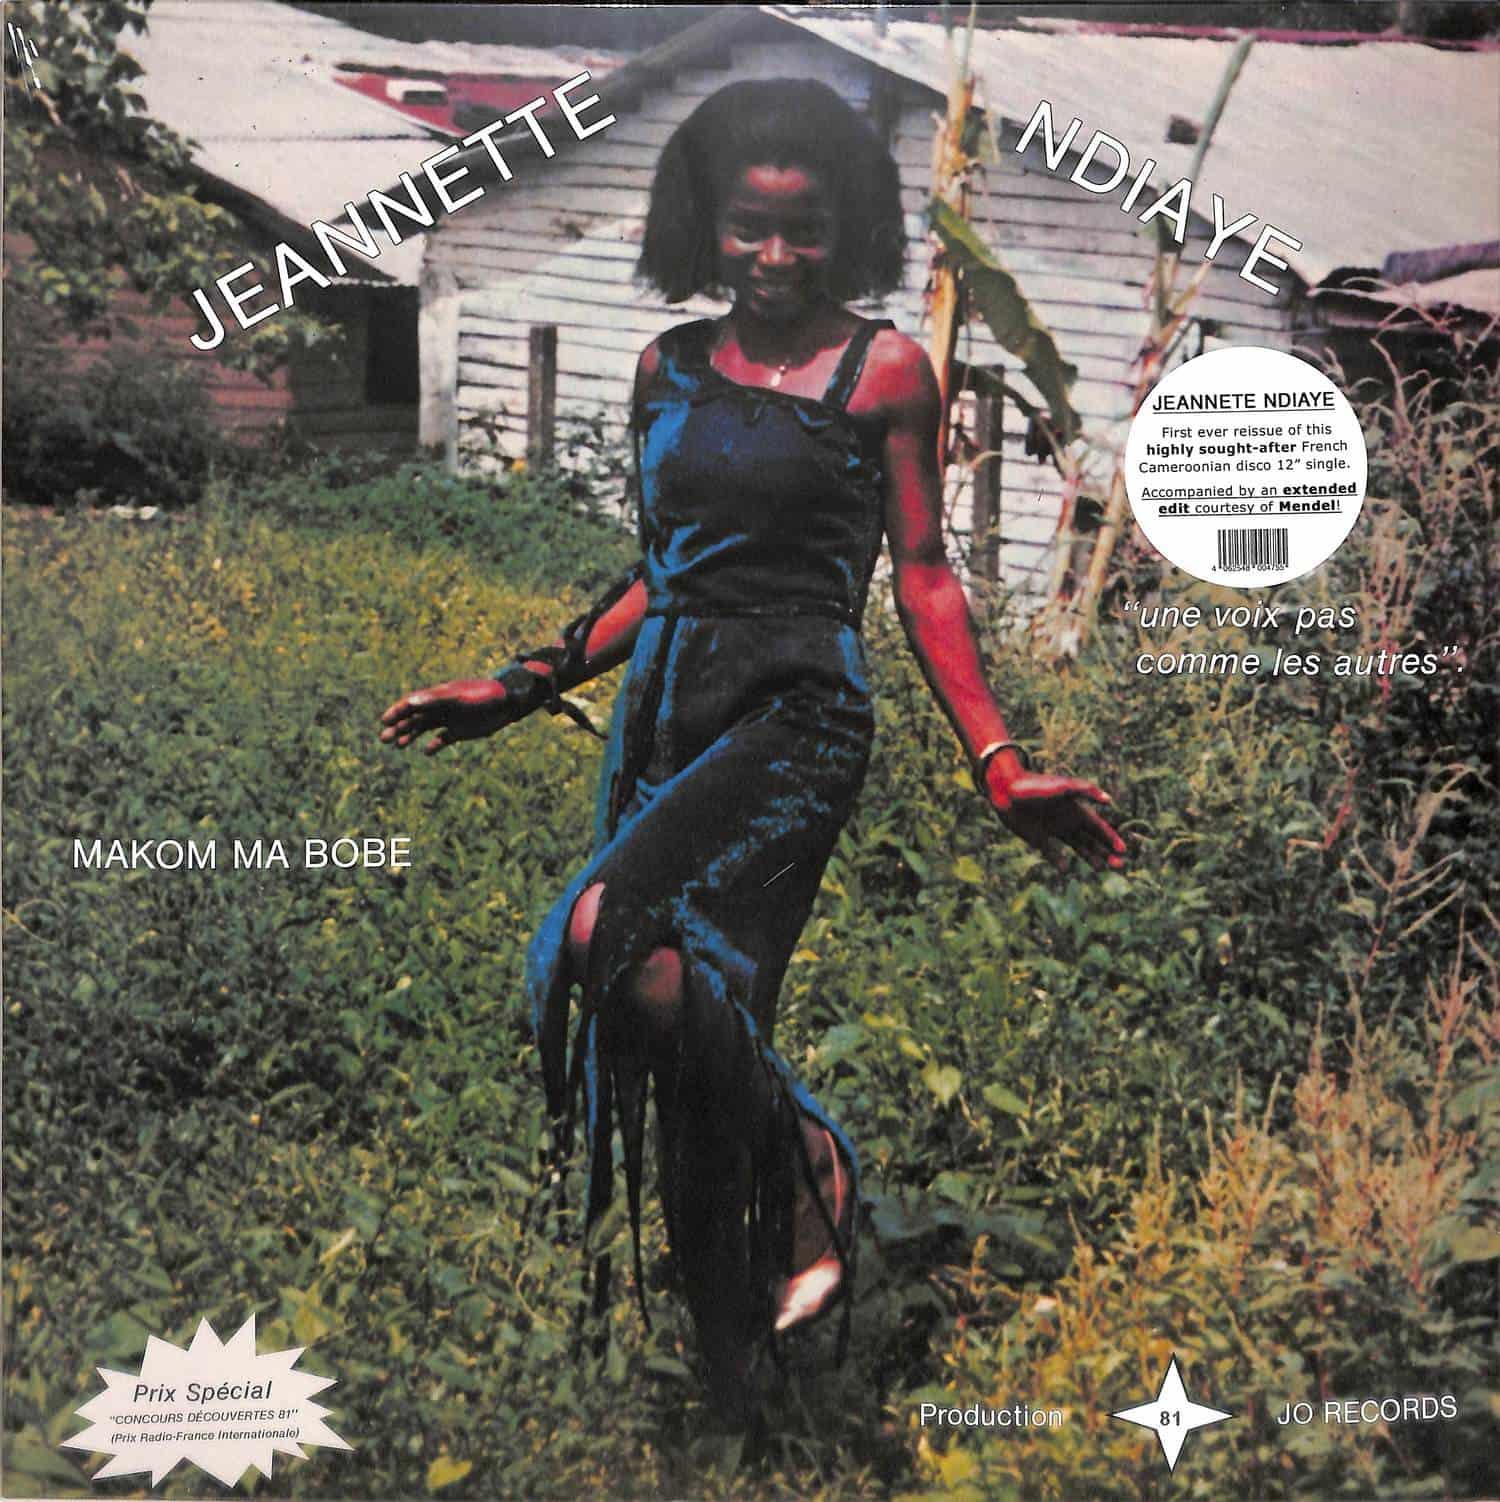 Jeannette N Diaye - MAKOM MA BOBE